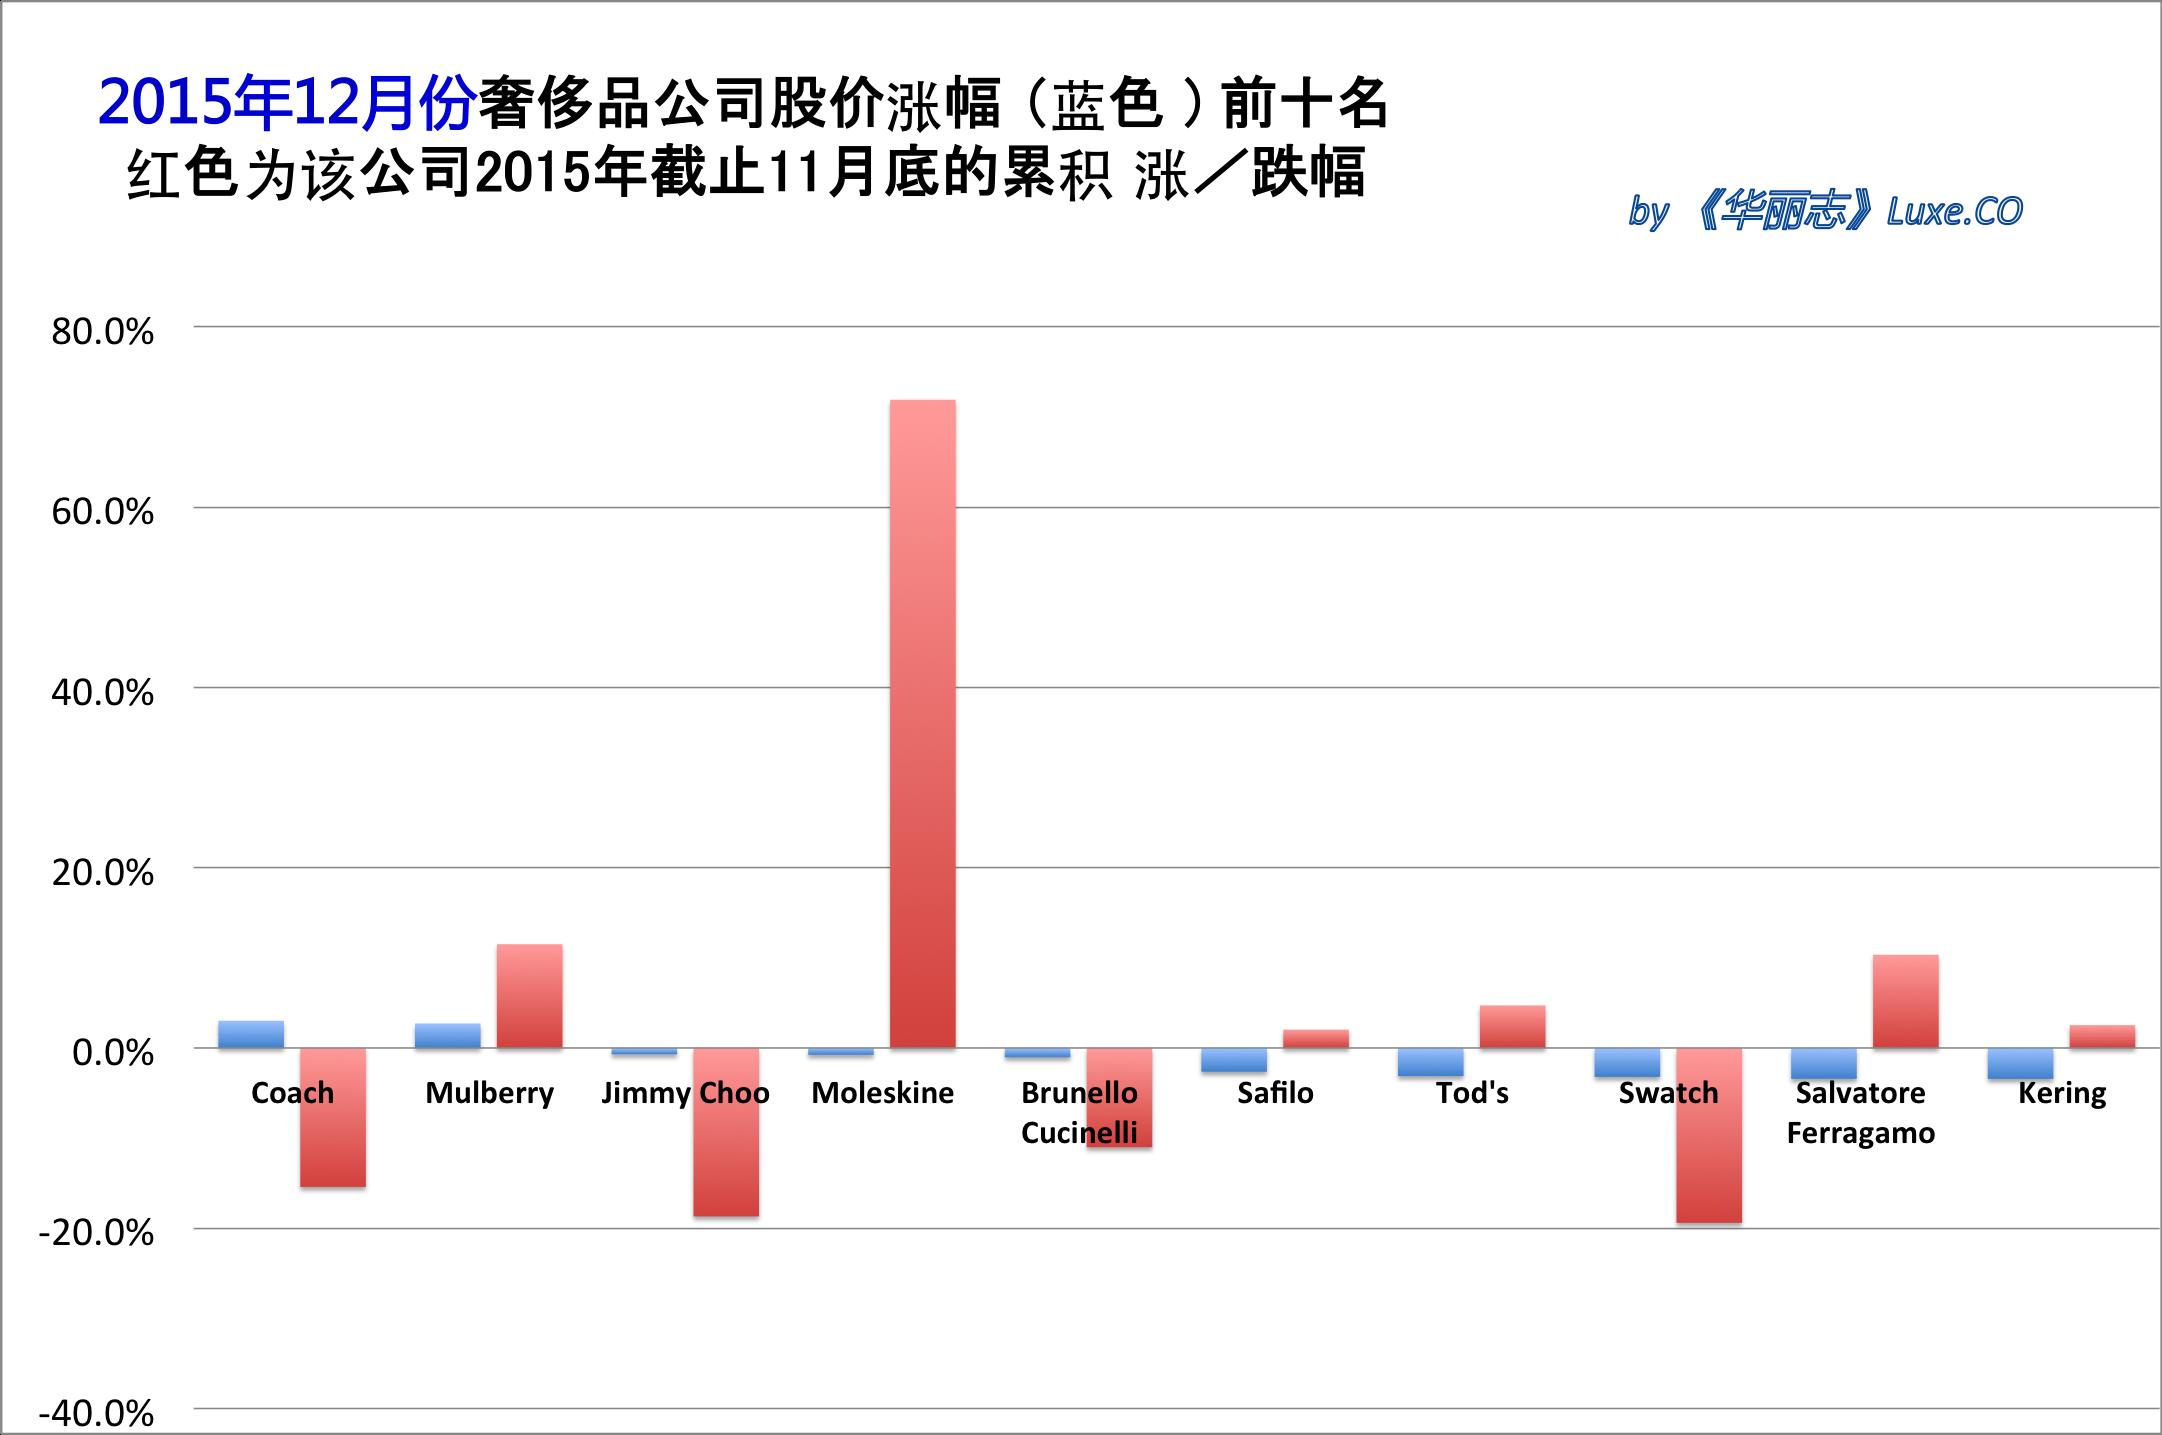 《华丽志》奢侈品股票月度排行榜 (2015年12月)